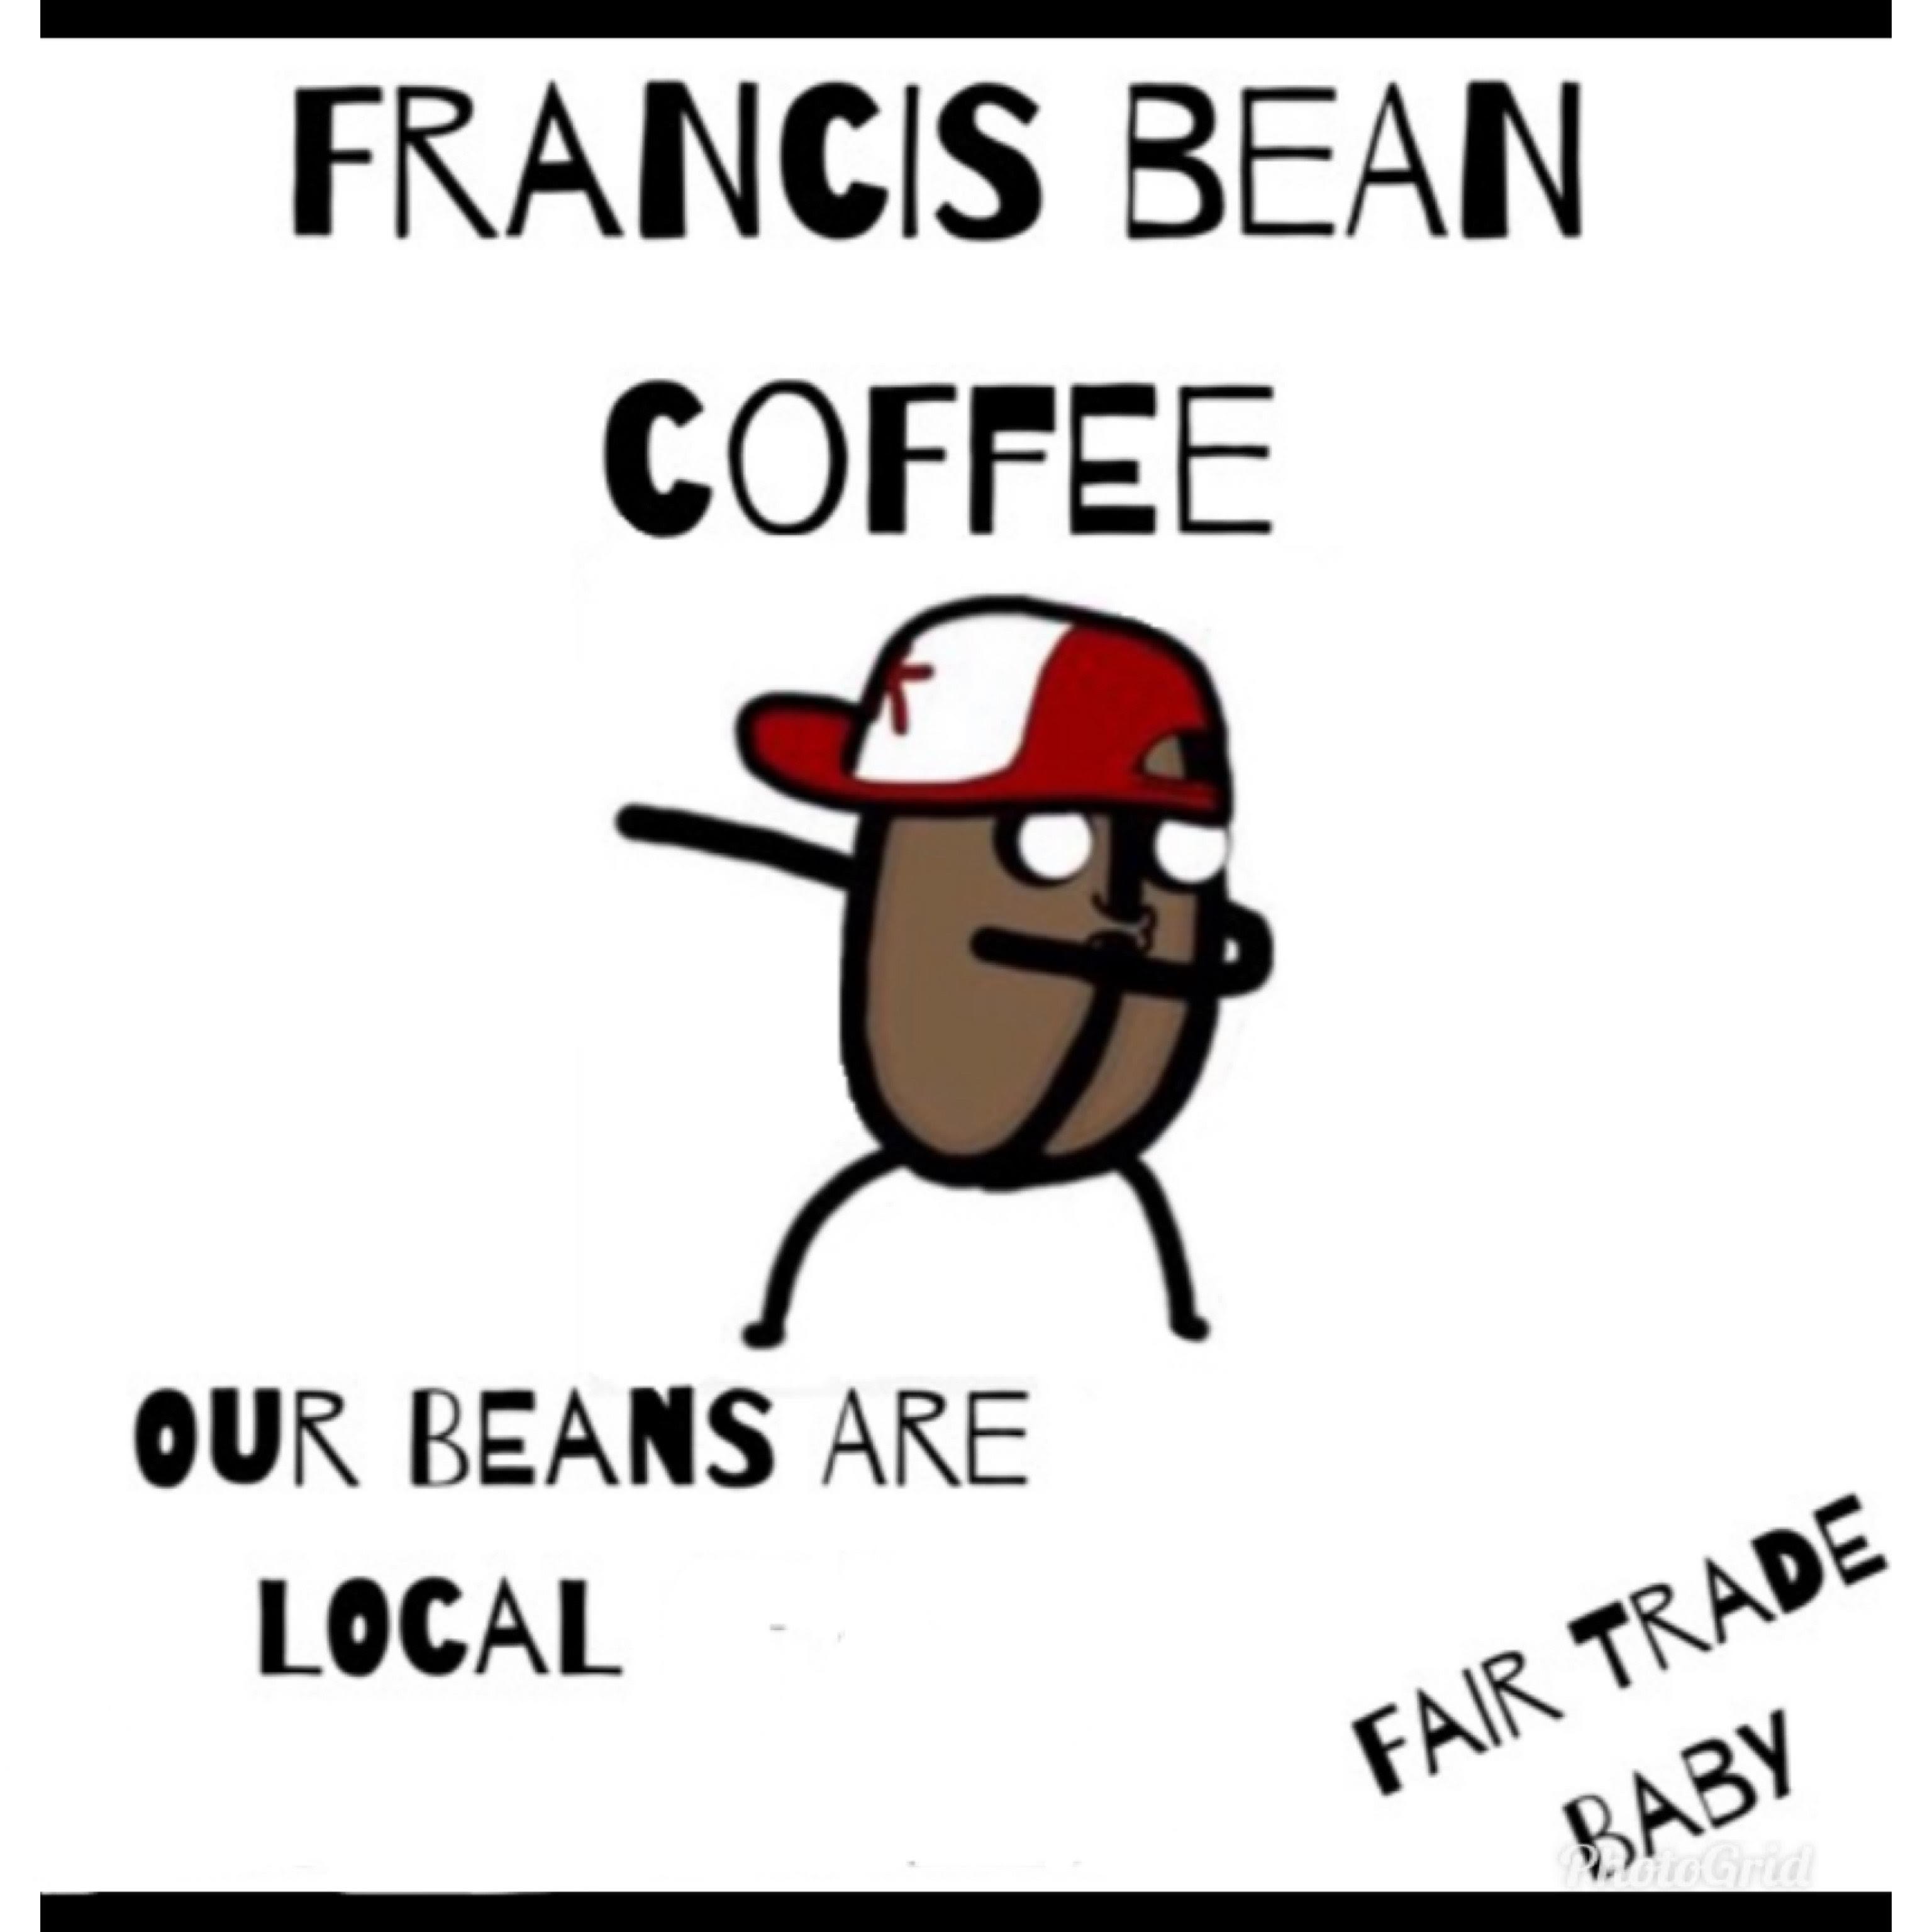 Francis Bean Coffee